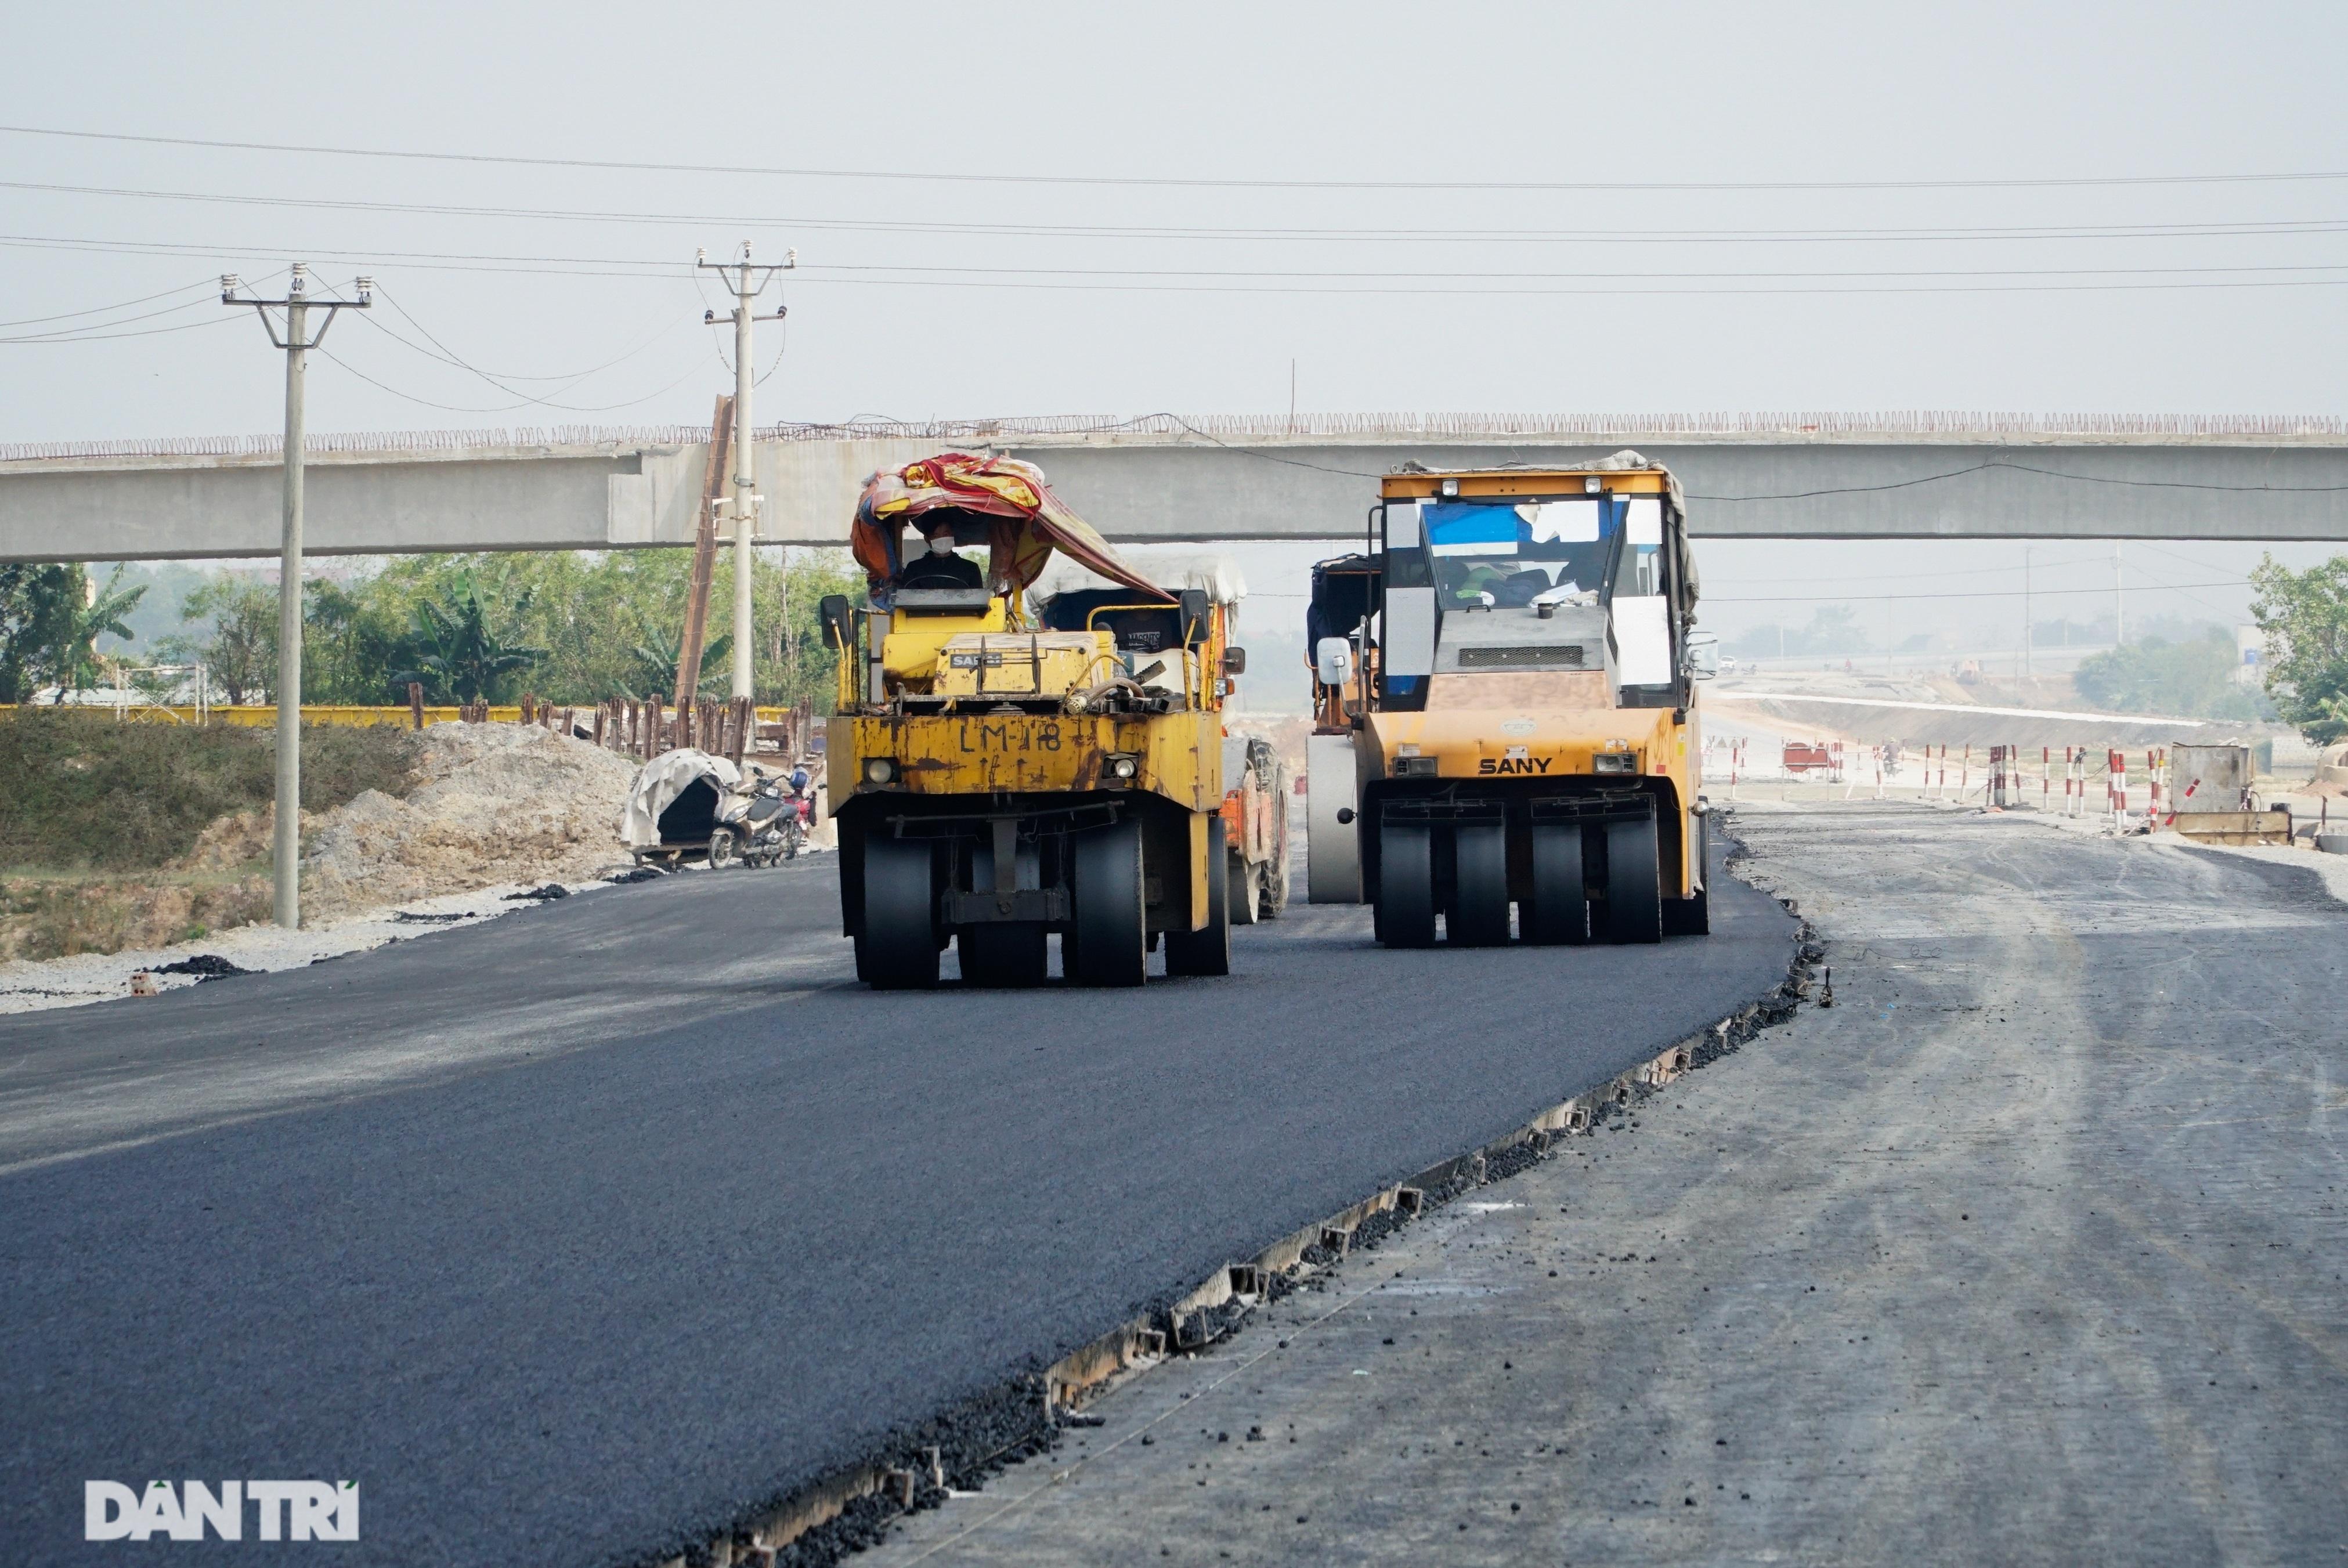 Tuyến cao tốc Ninh Bình - Thanh Hóa 12 nghìn tỷ đồng đang dần hình thành - 8